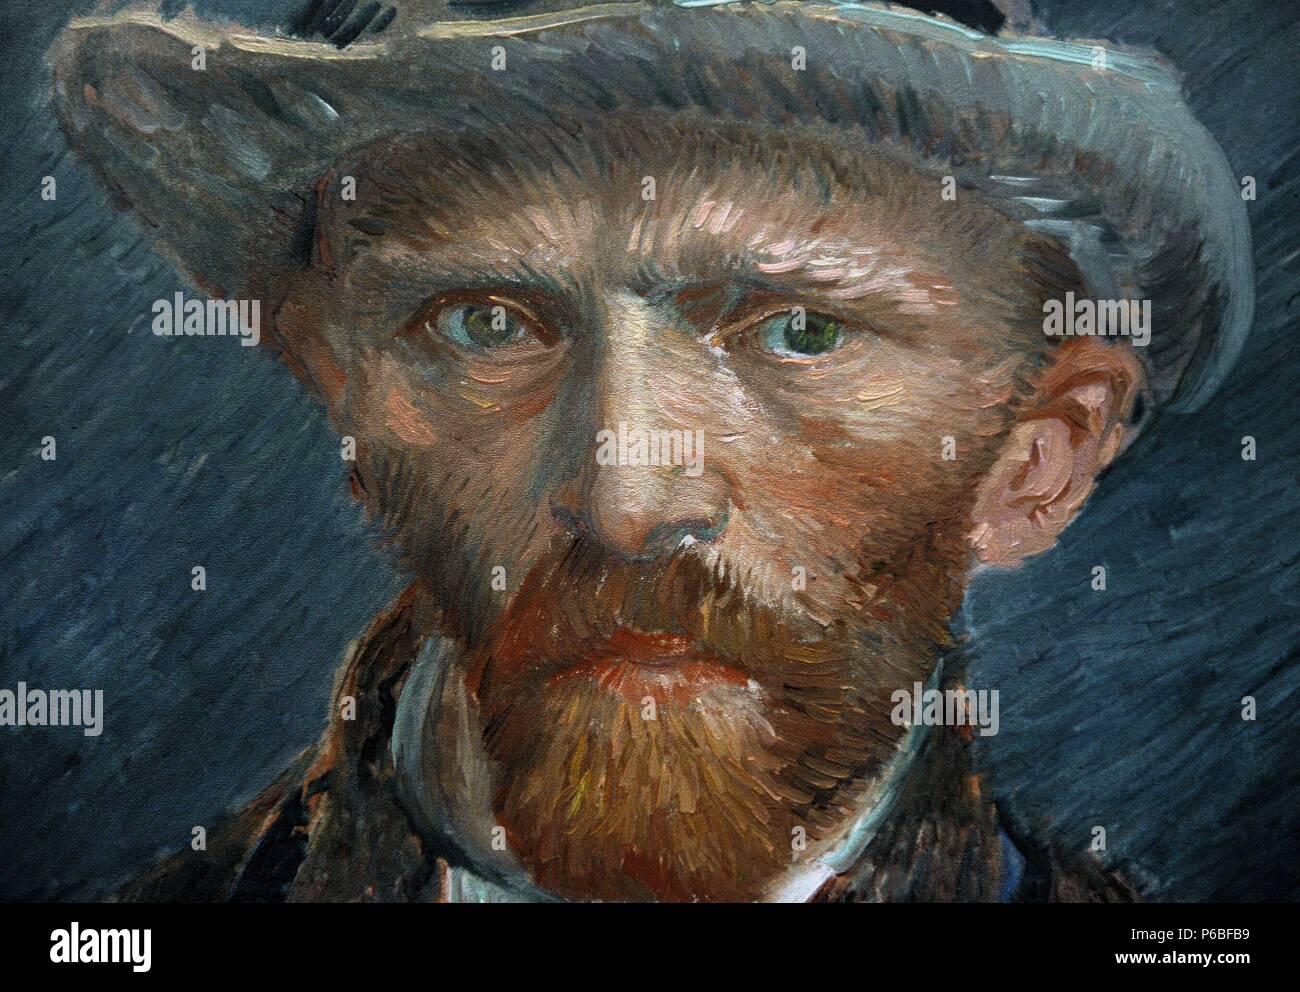 Vincent van Gogh (1853-1890). Dutch painter. Self-portrait, 1887. Detail. Rijksmuseum. Amsterdam. Holland. - Stock Image